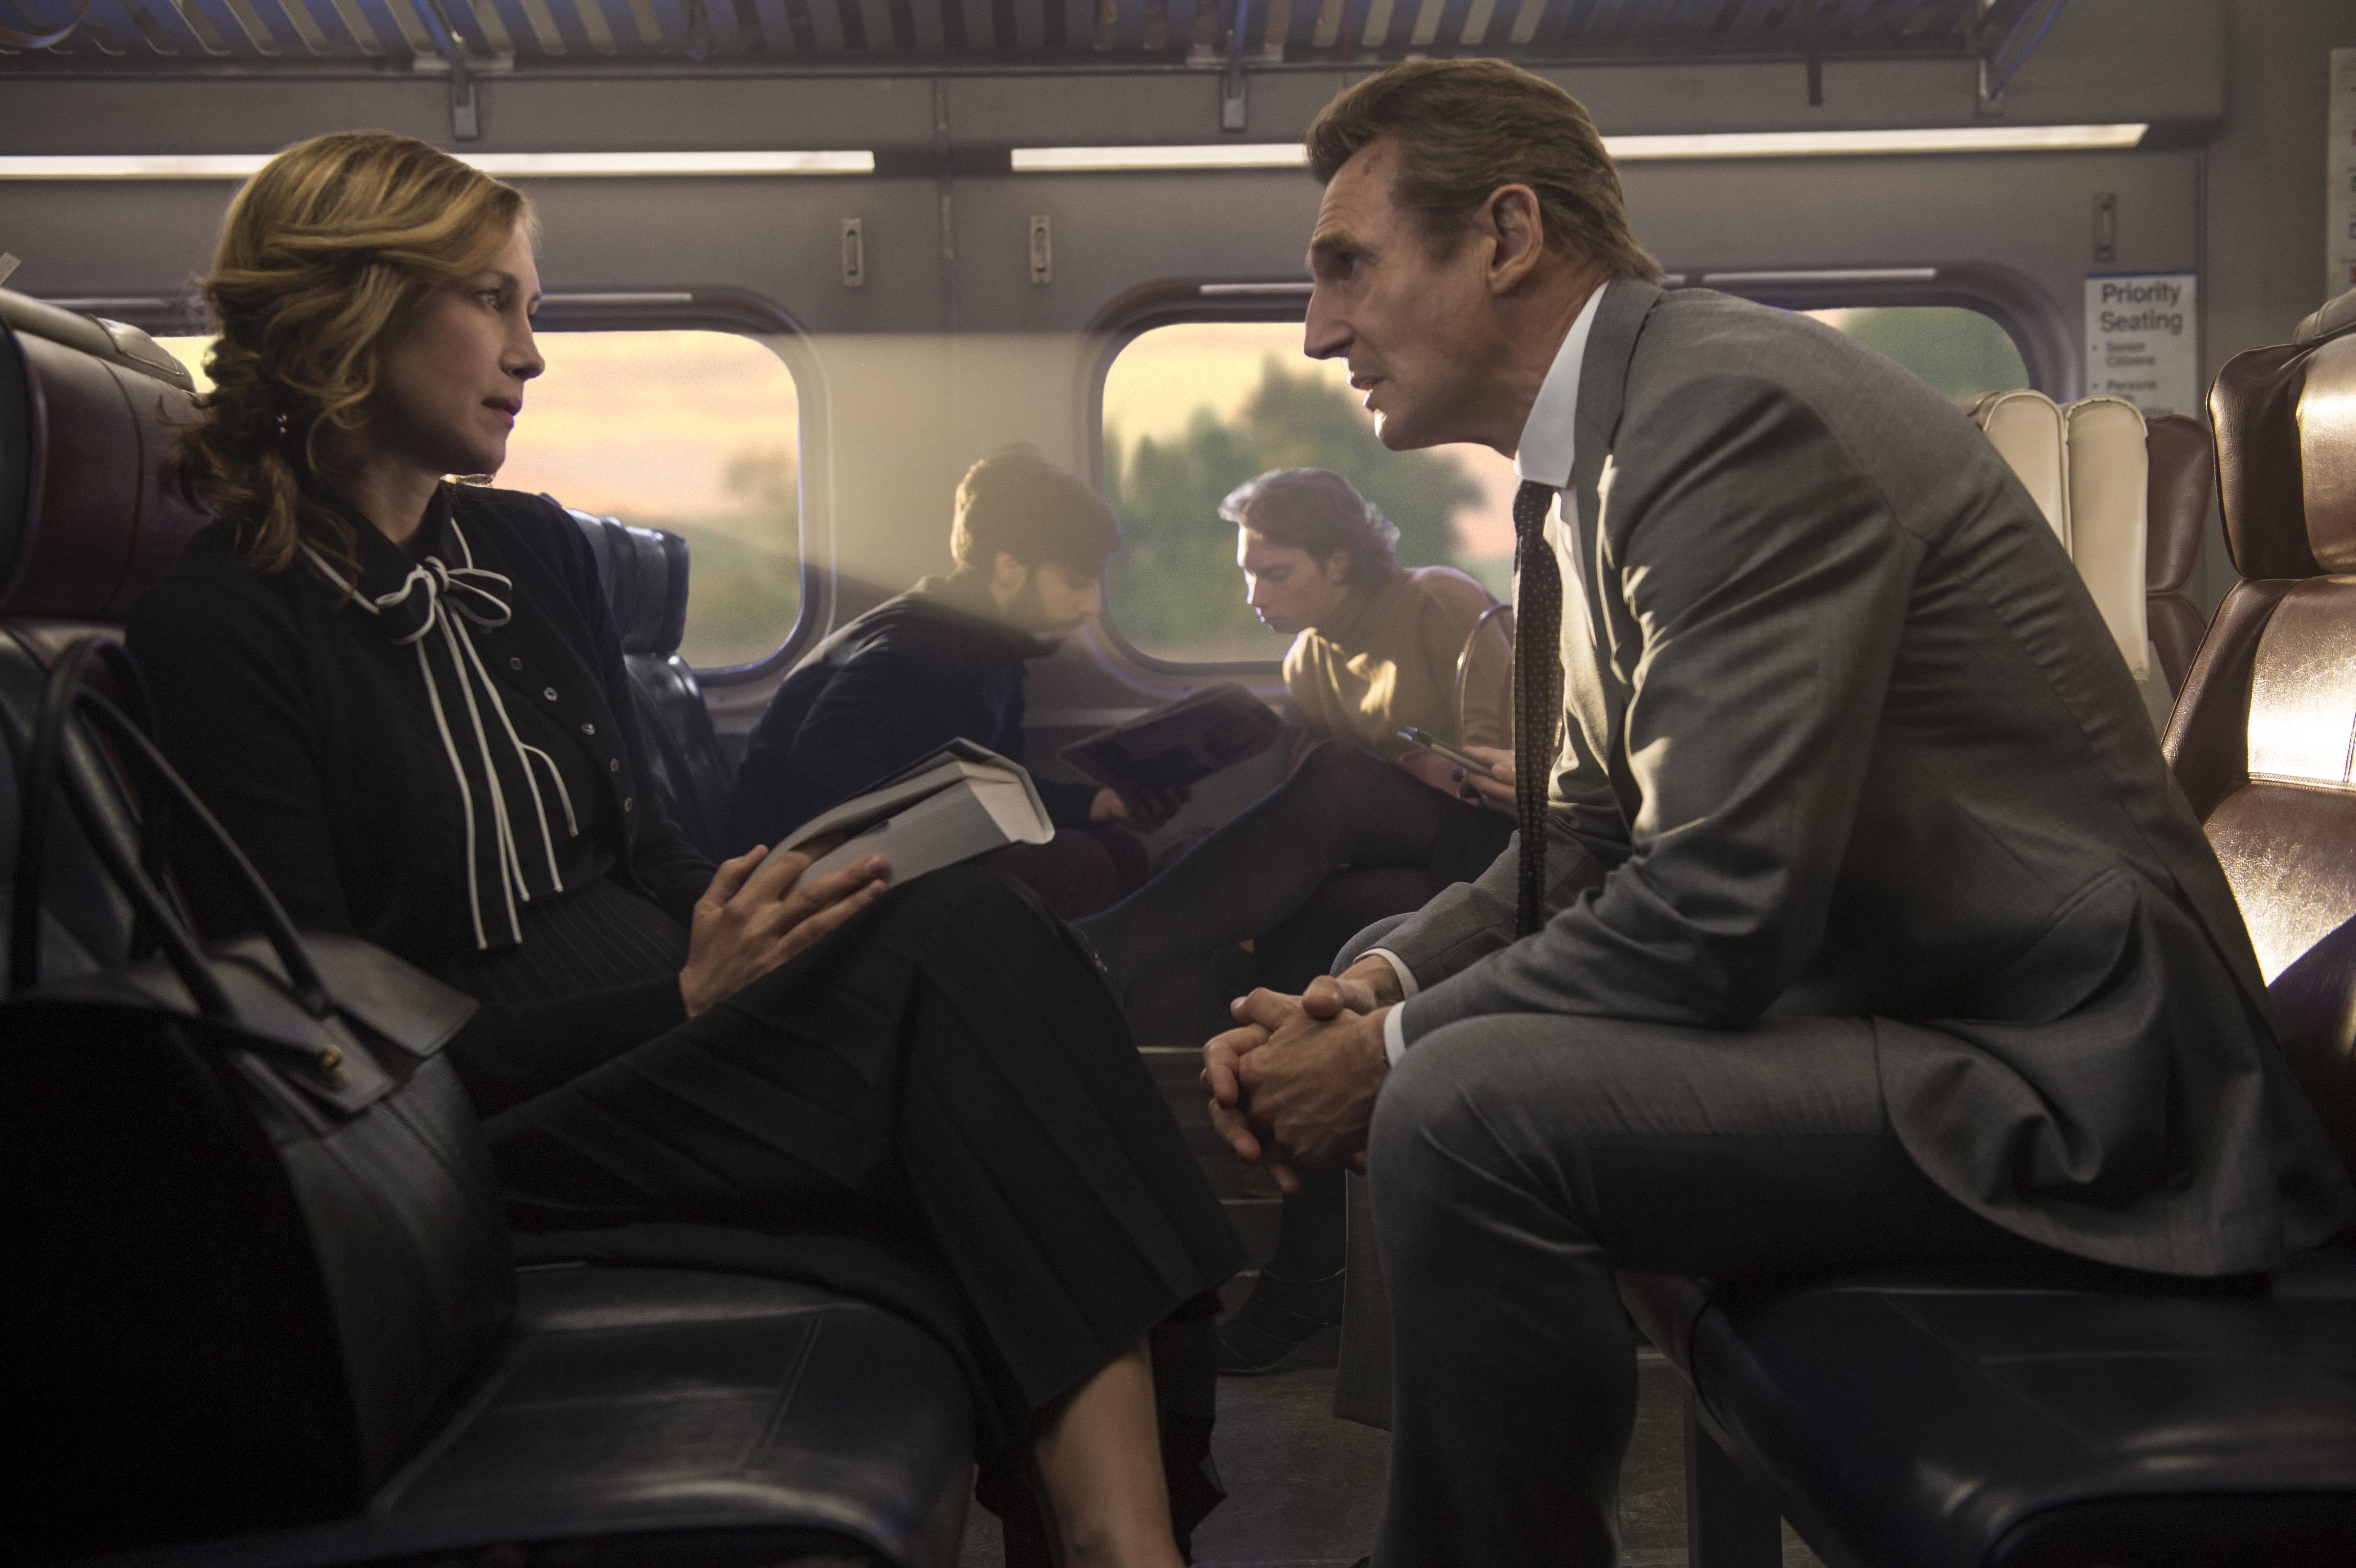 Cizinec ve vlaku